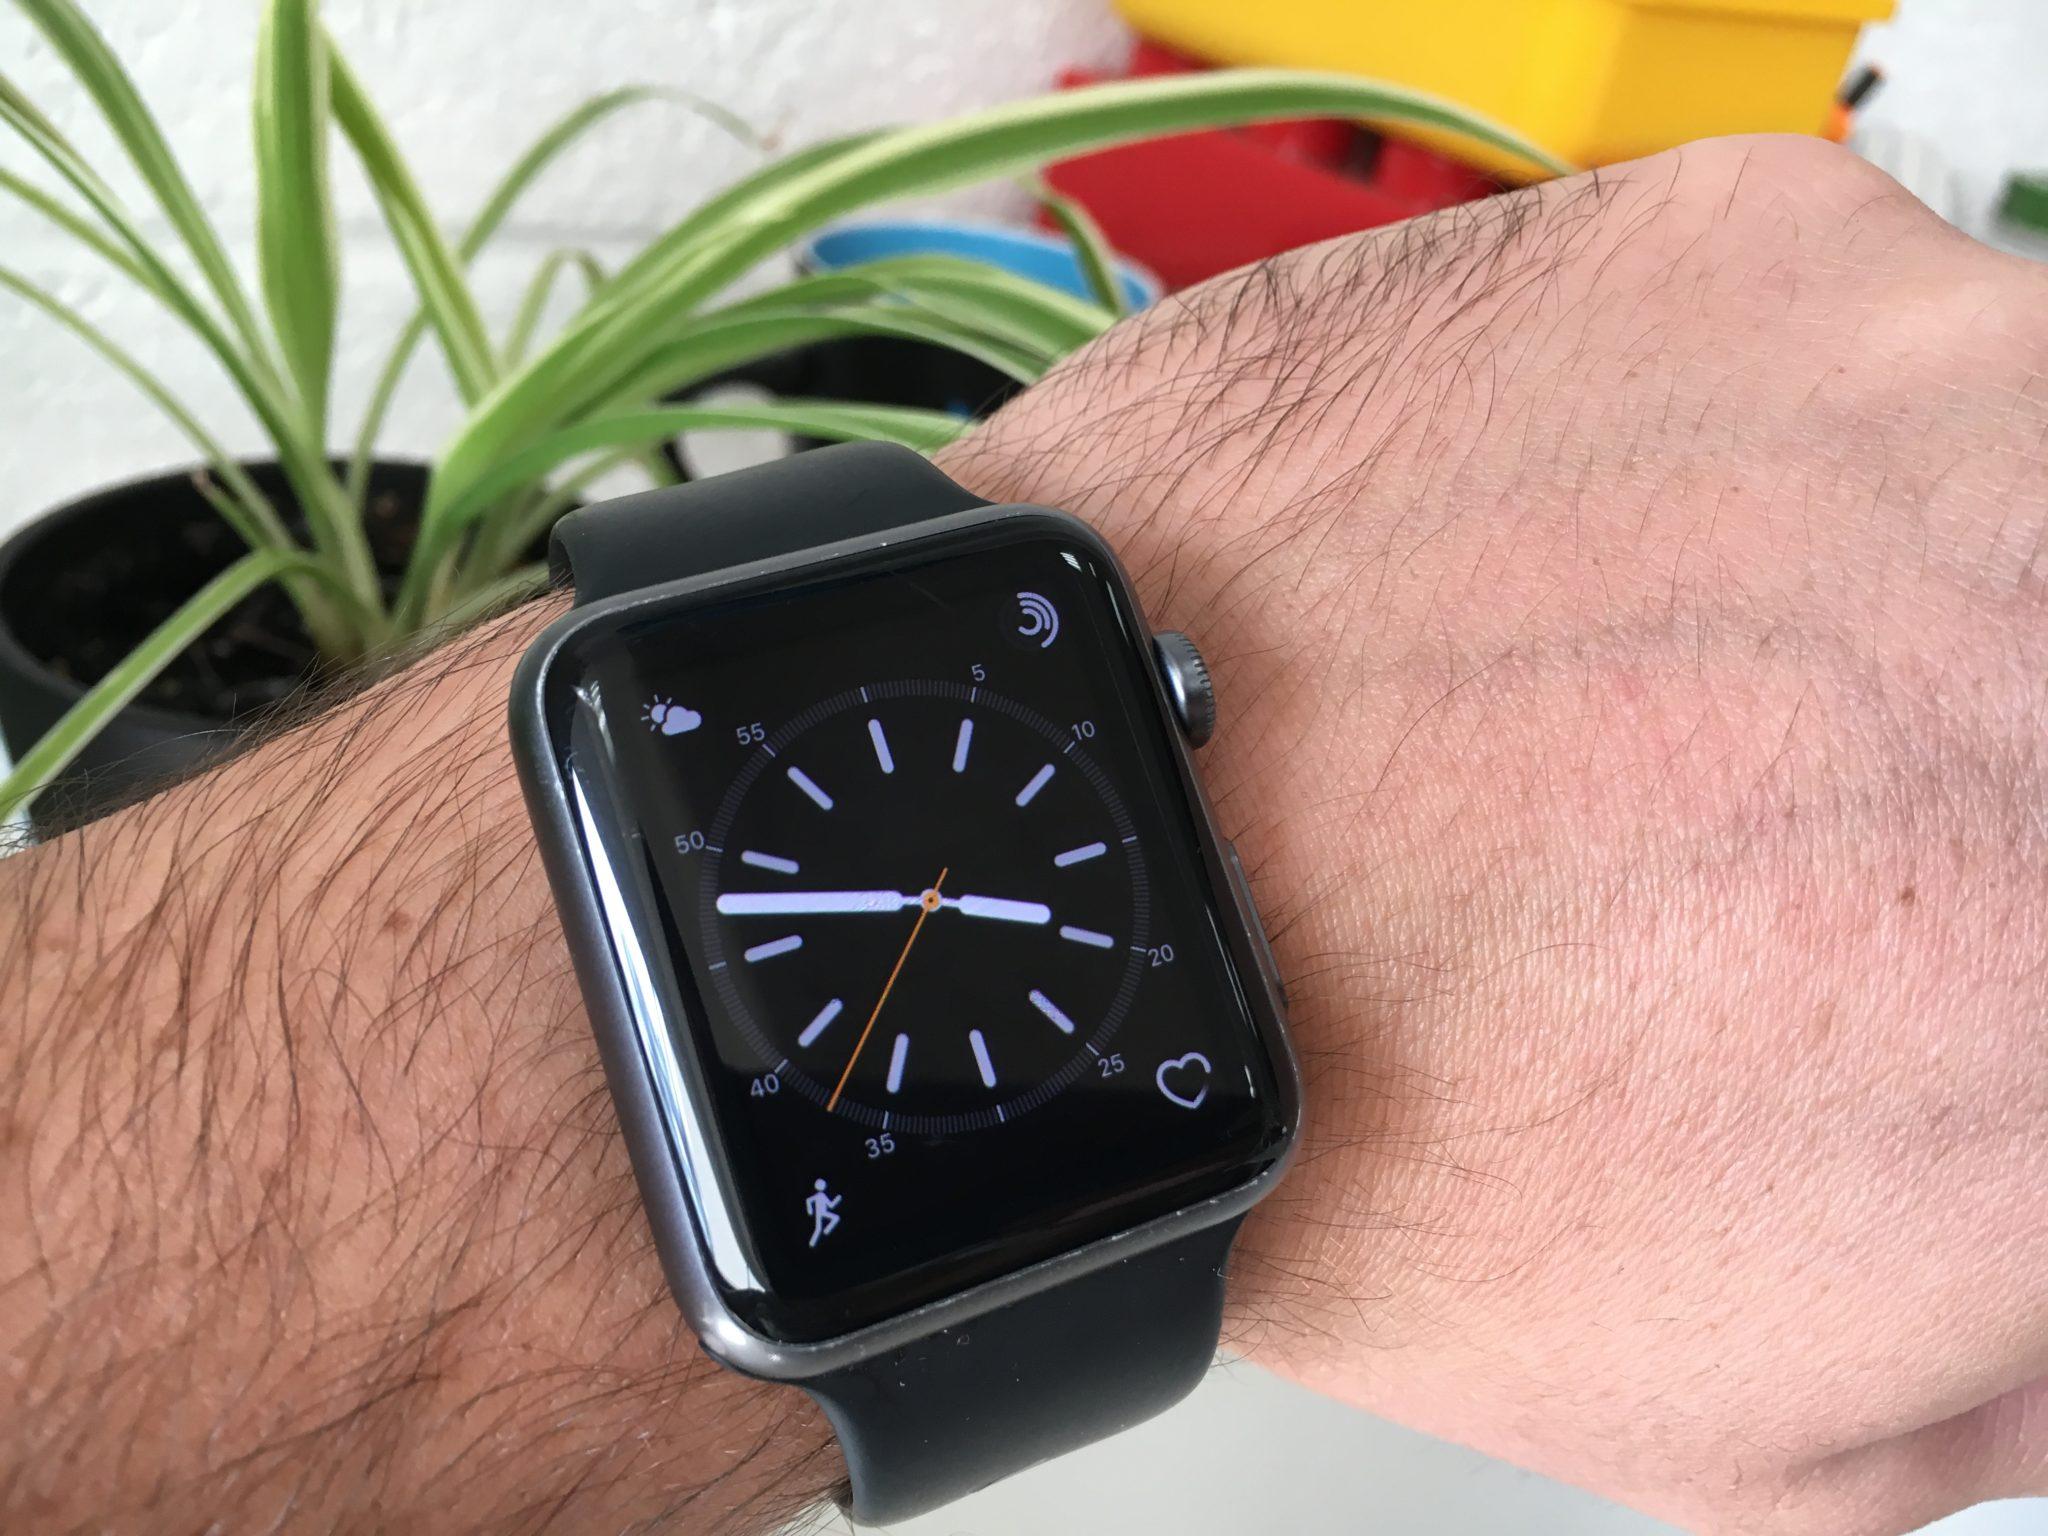 u00c0 quoi elle sert ton apple watch